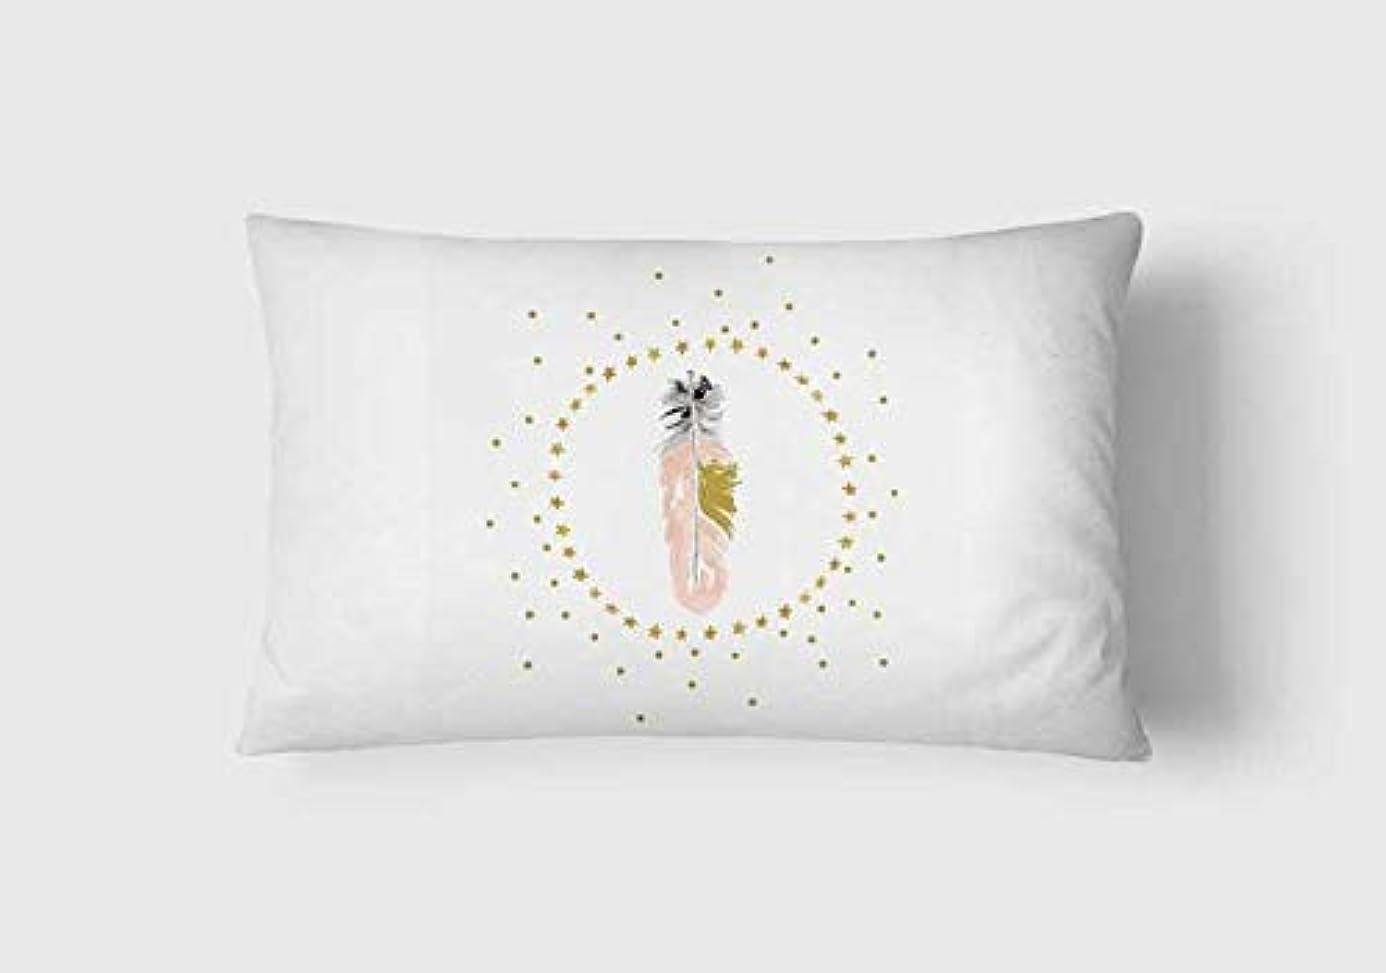 衛星夜間効率的にLIFE 新しいぬいぐるみピンクフラミンゴクッションガチョウの羽風船幾何北欧家の装飾ソファスロー枕用女の子ルーム装飾 クッション 椅子